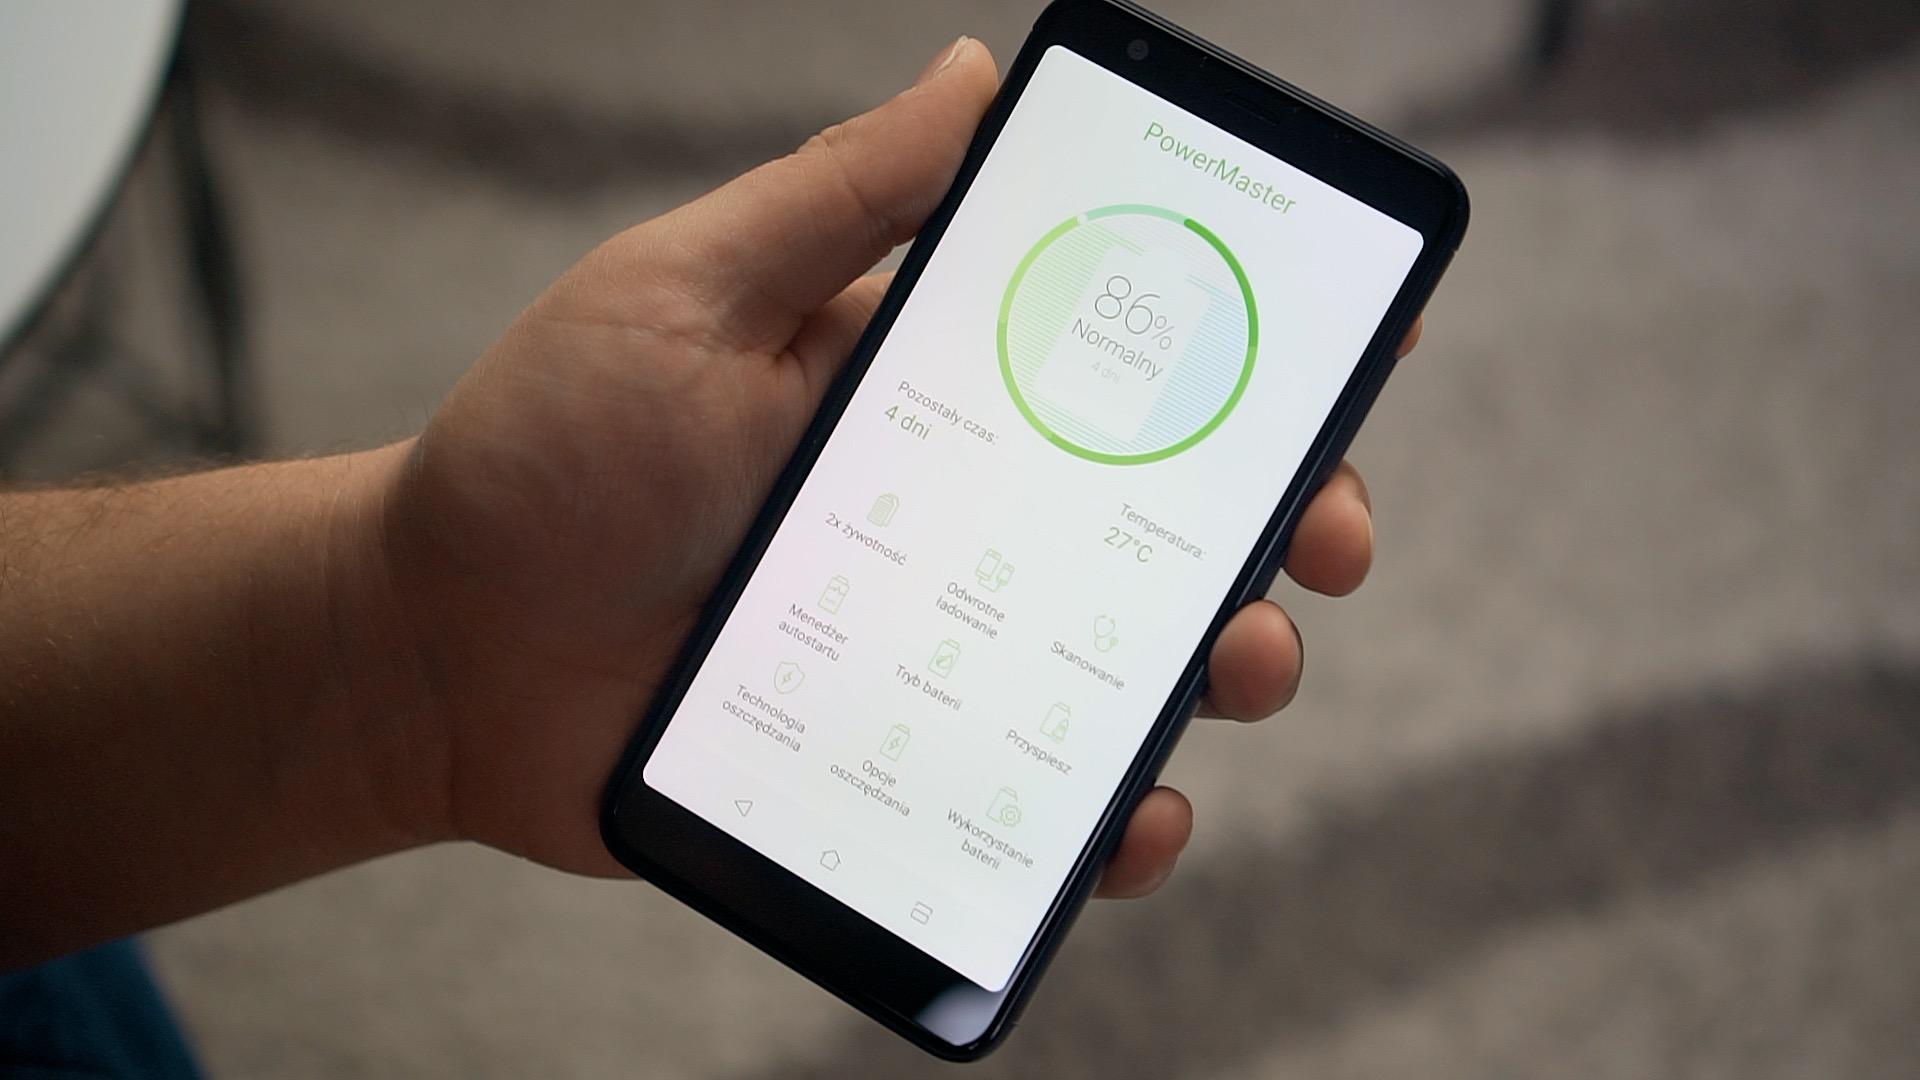 Krótki czas pracy to jedna z największych wad większości obecnych smartfonów. Na szczęście na rynku pojawia się coraz więcej modeli wyposażonych w pojemne ogniwa, które mają zapewniać długi czas pracy. Co więcej, smartfon z dużym akumulatorem można już kupić za mniej niż 1000 zł.